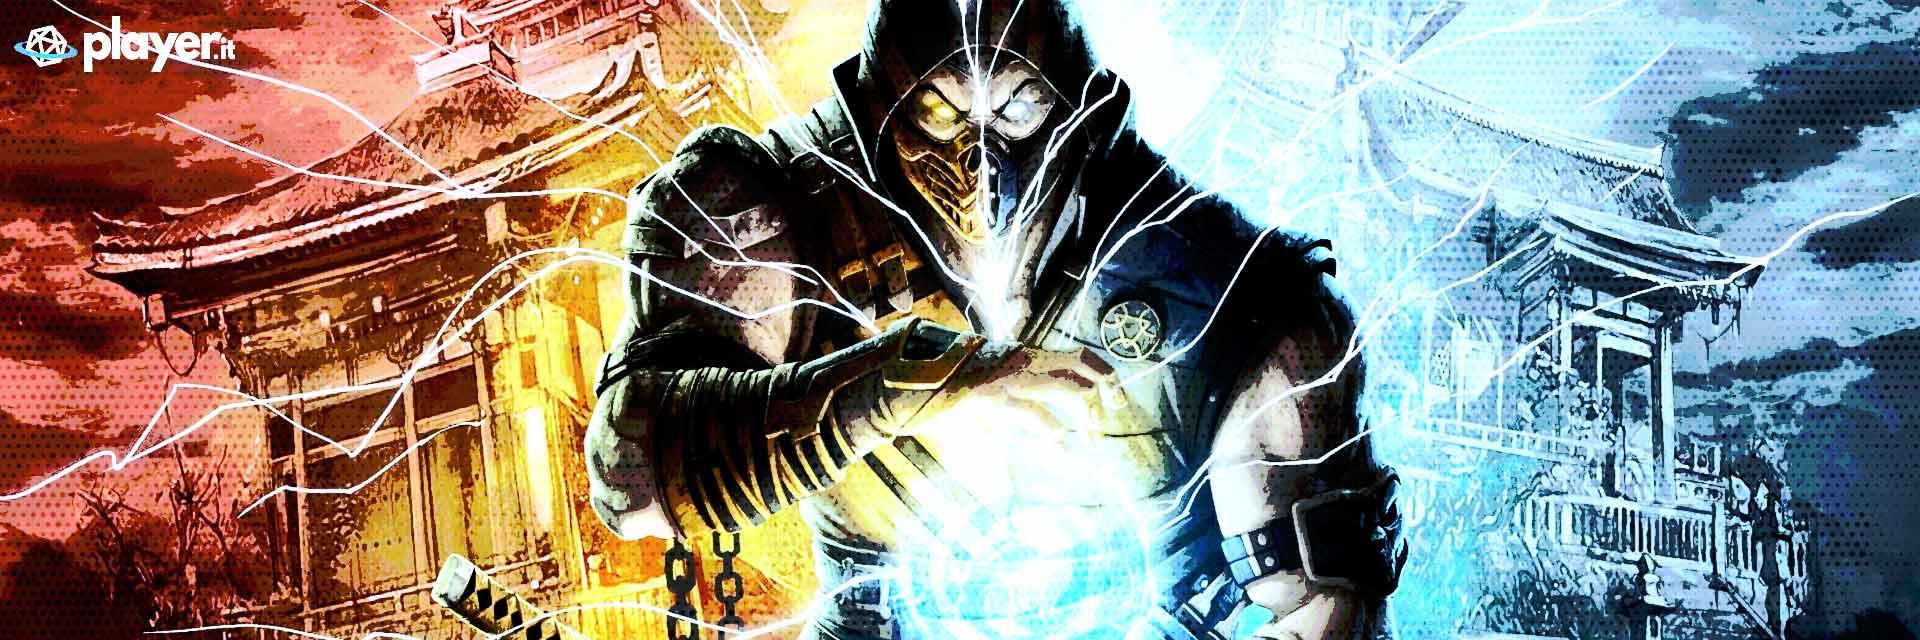 immagine in evidenza del gioco Mortal Kombat 11